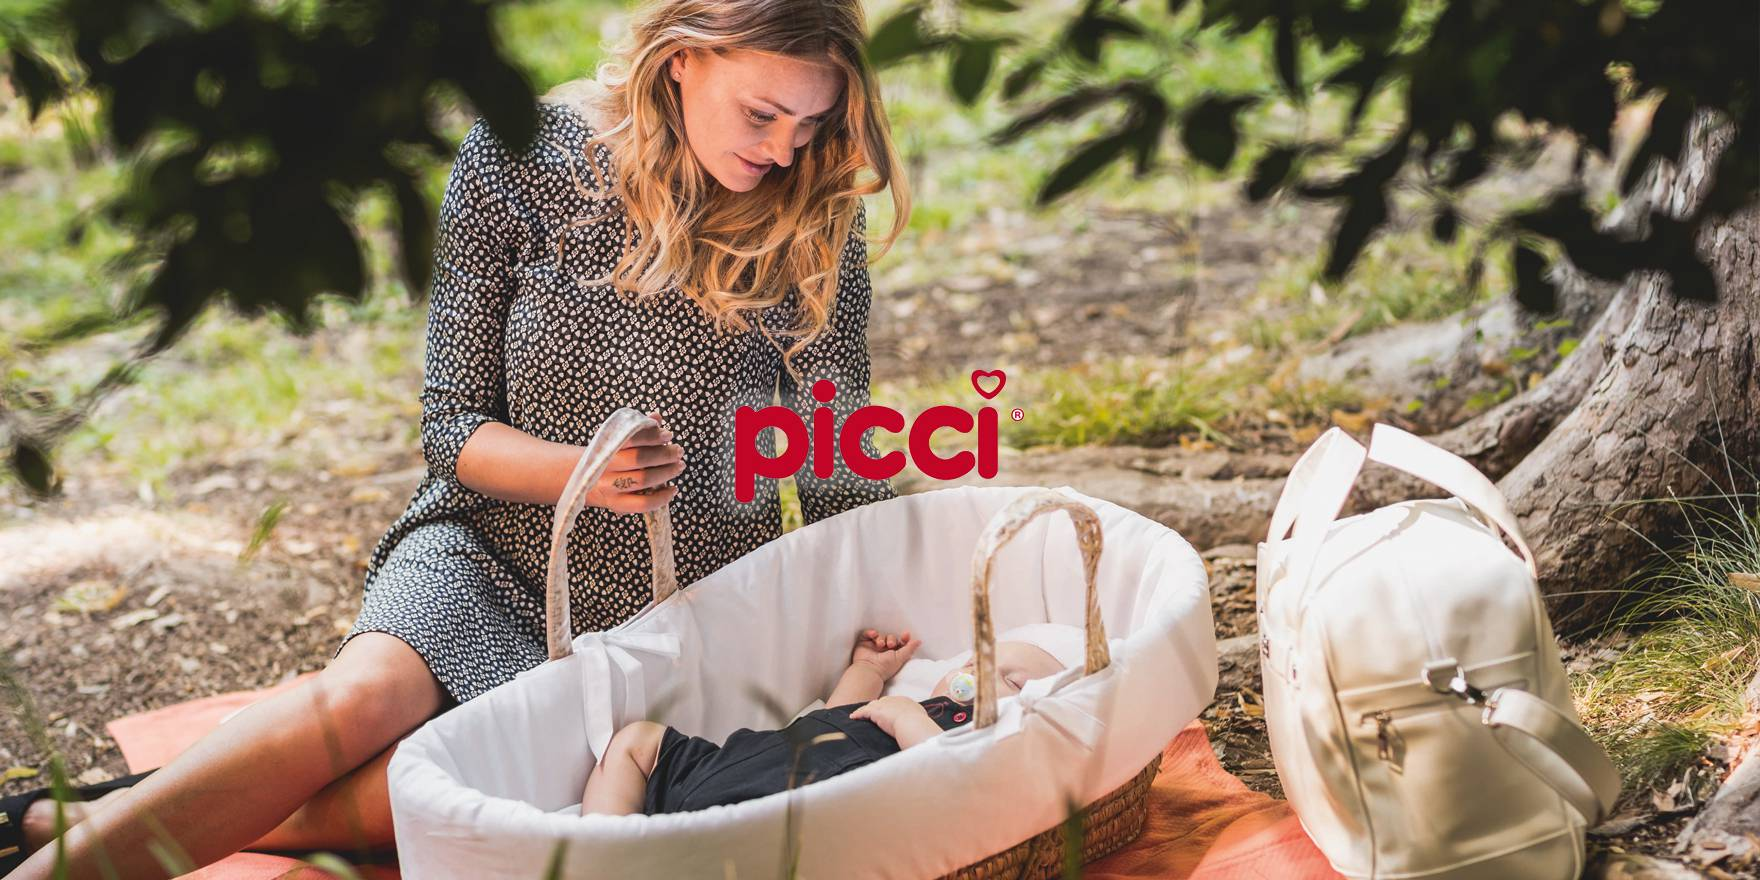 Picci_0